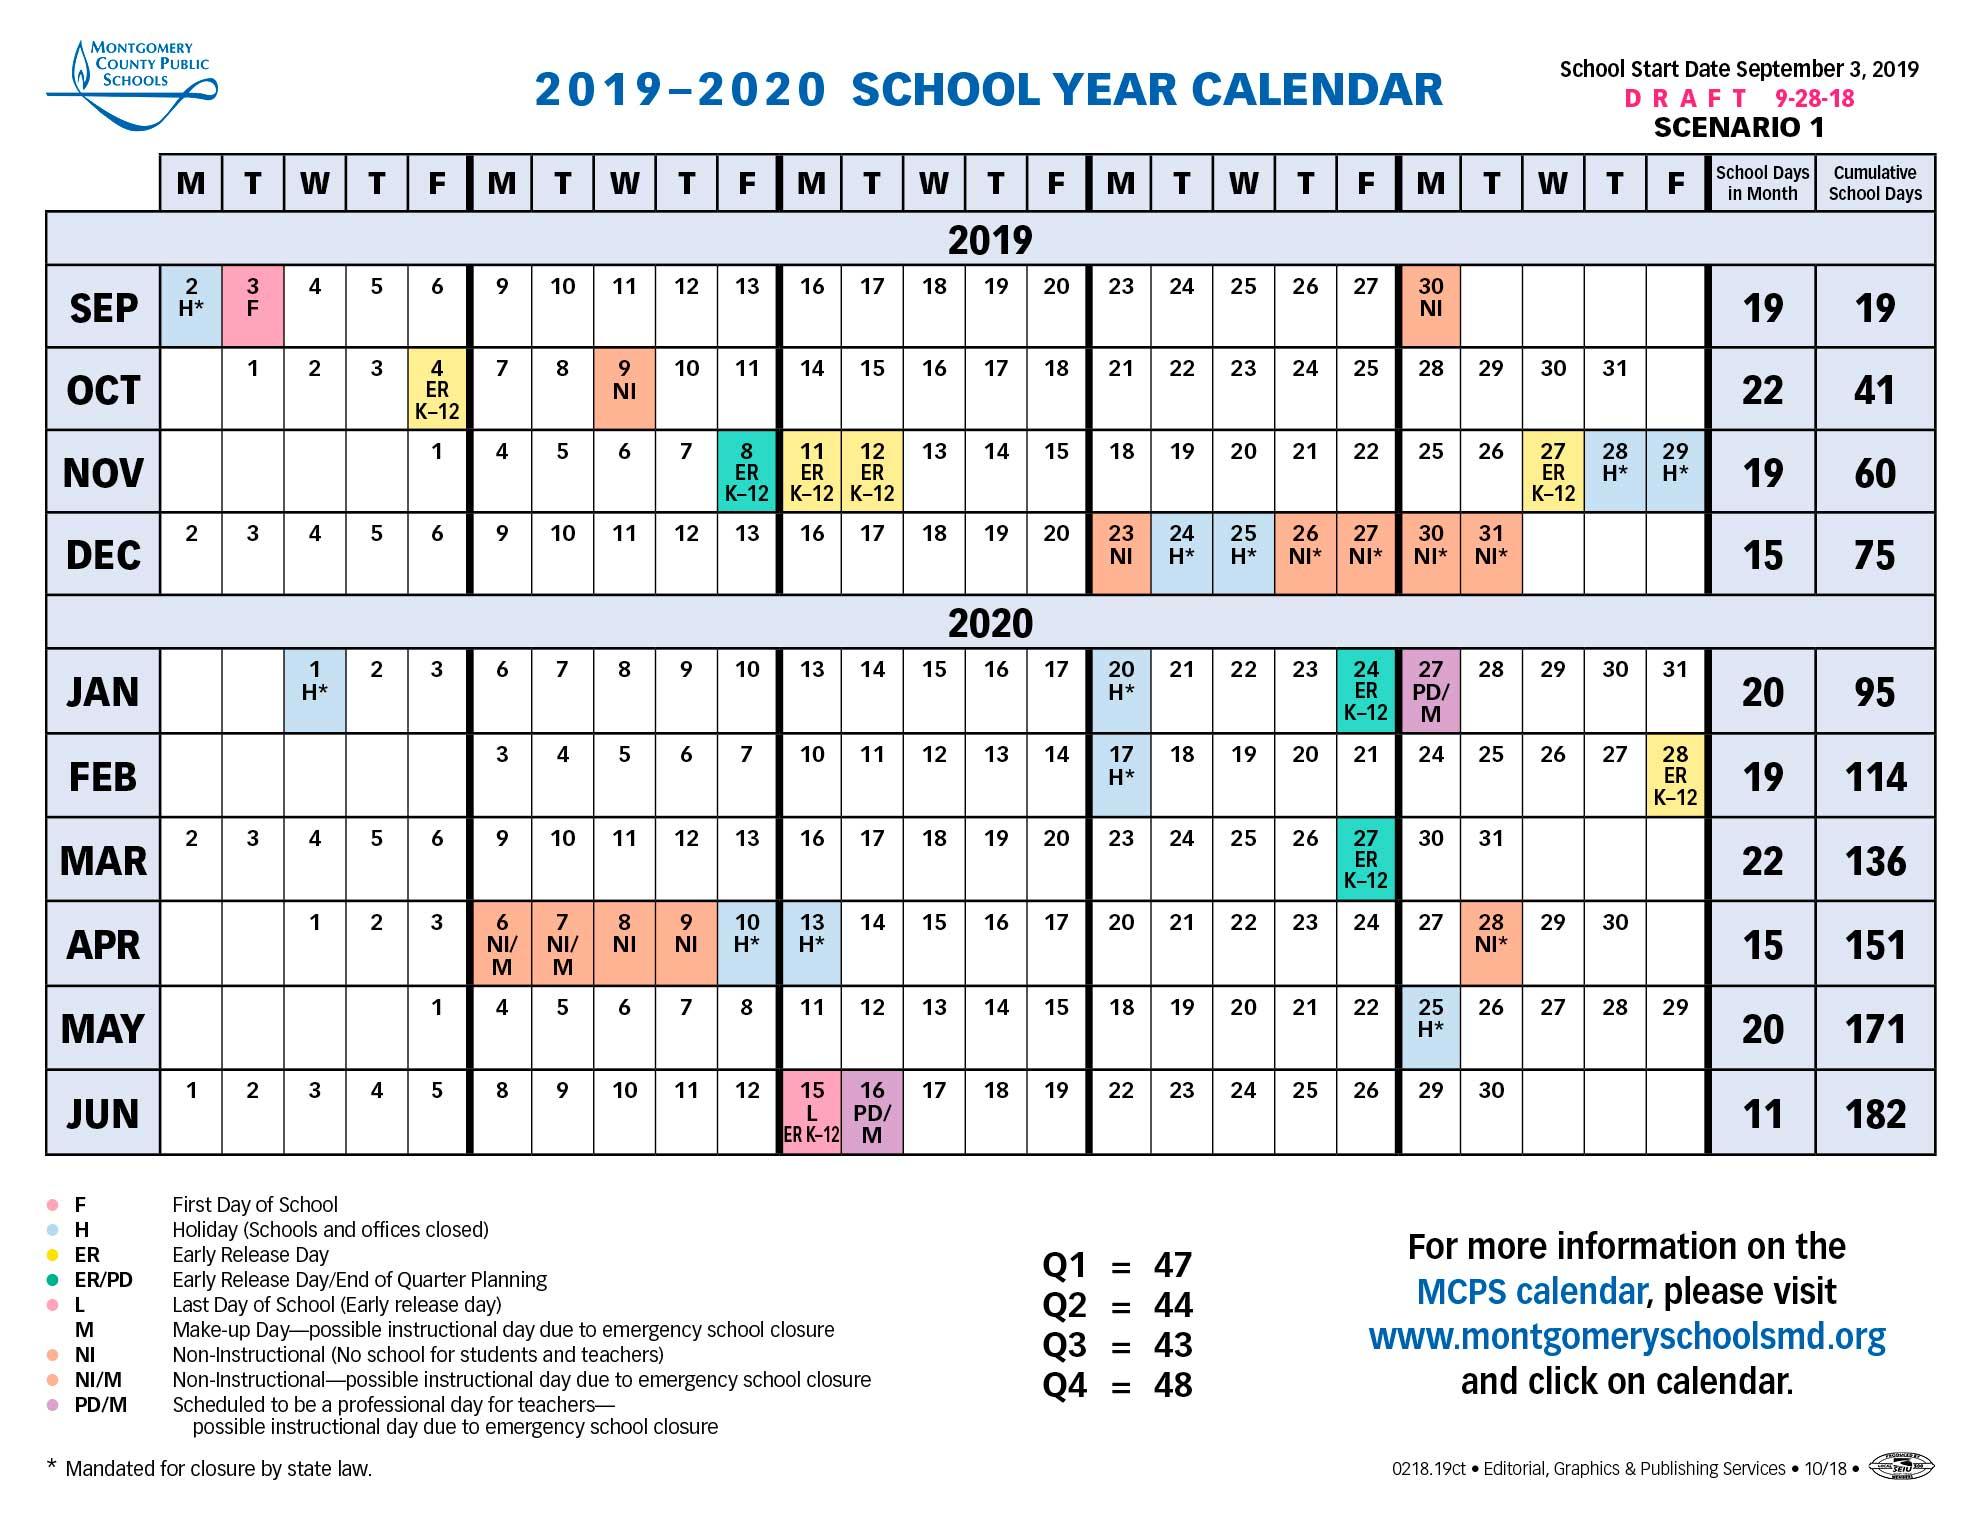 School Board Approves Longer Spring Break For 2019-2020 Calendar